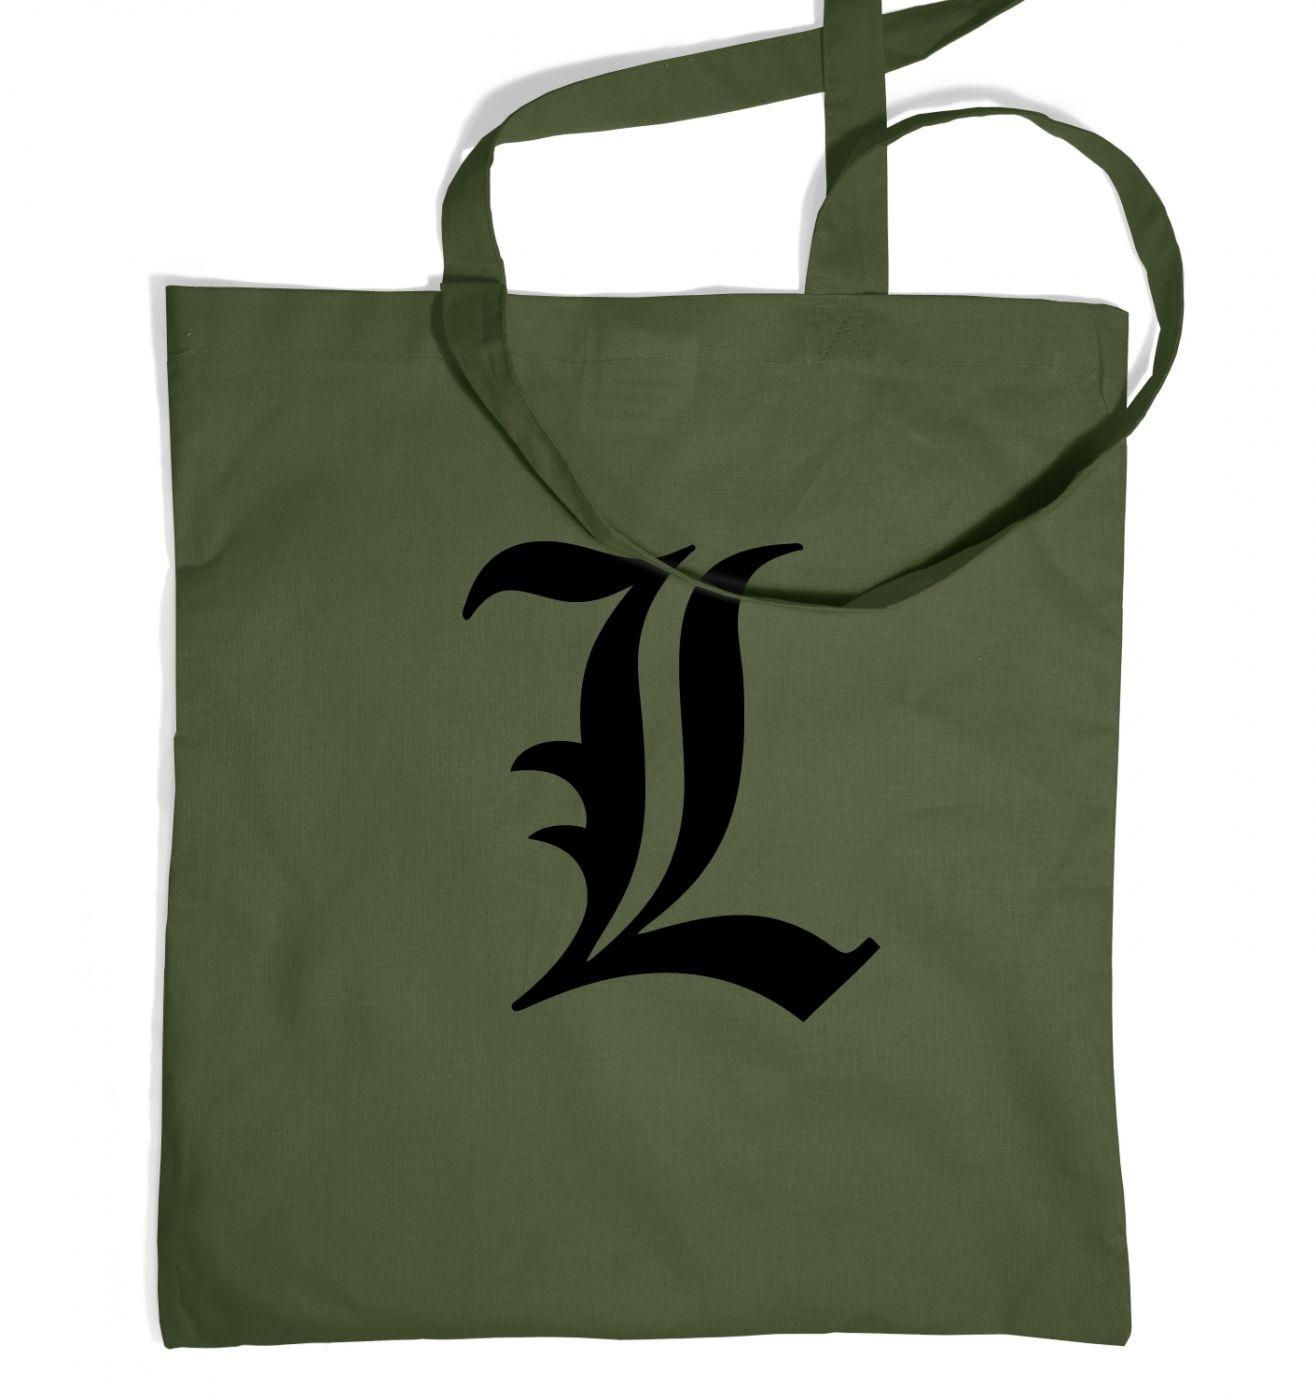 'L' tote bag